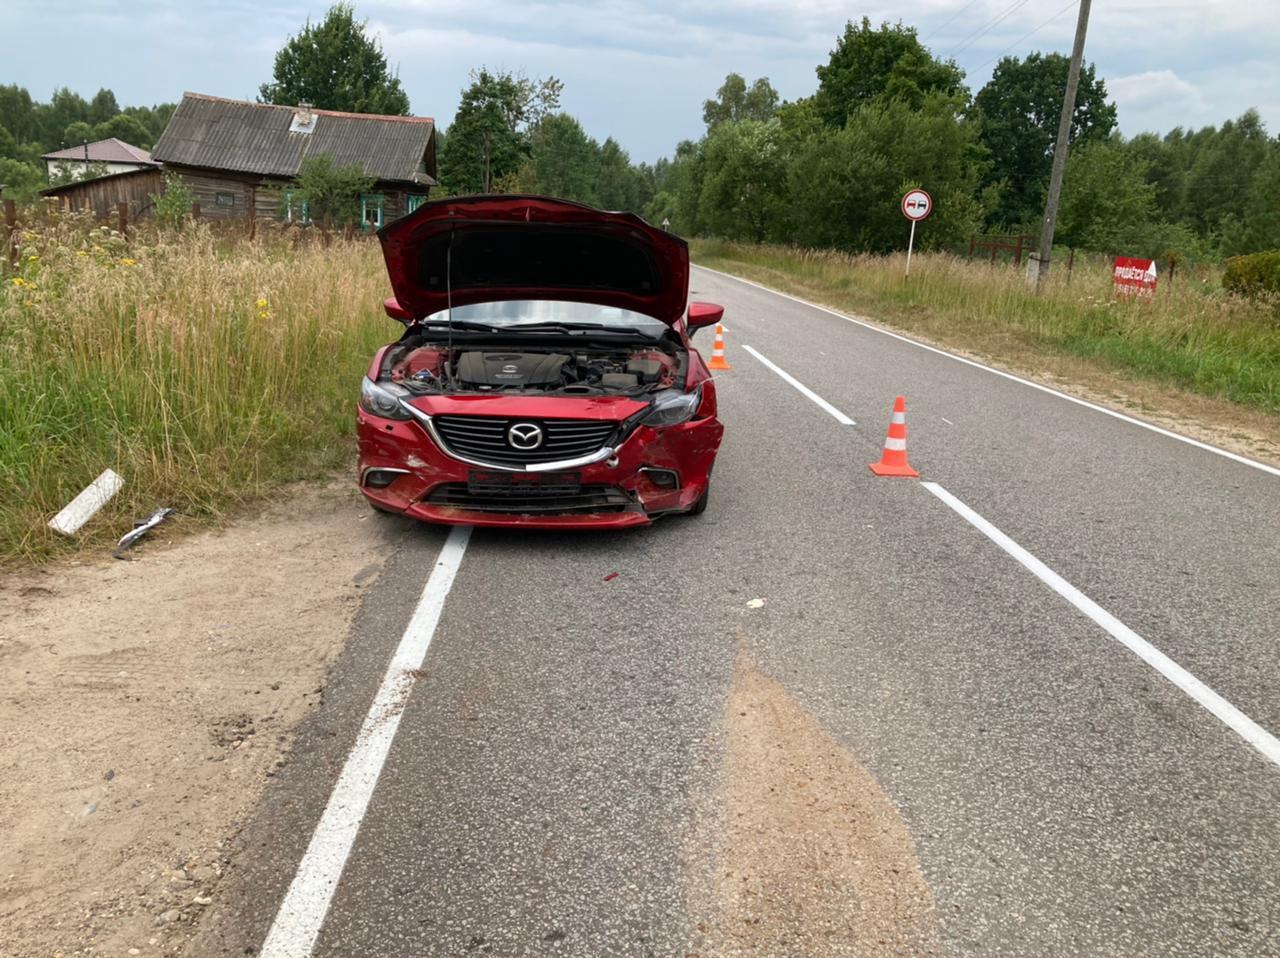 В Тверской области столкнулись Honda и Mazda